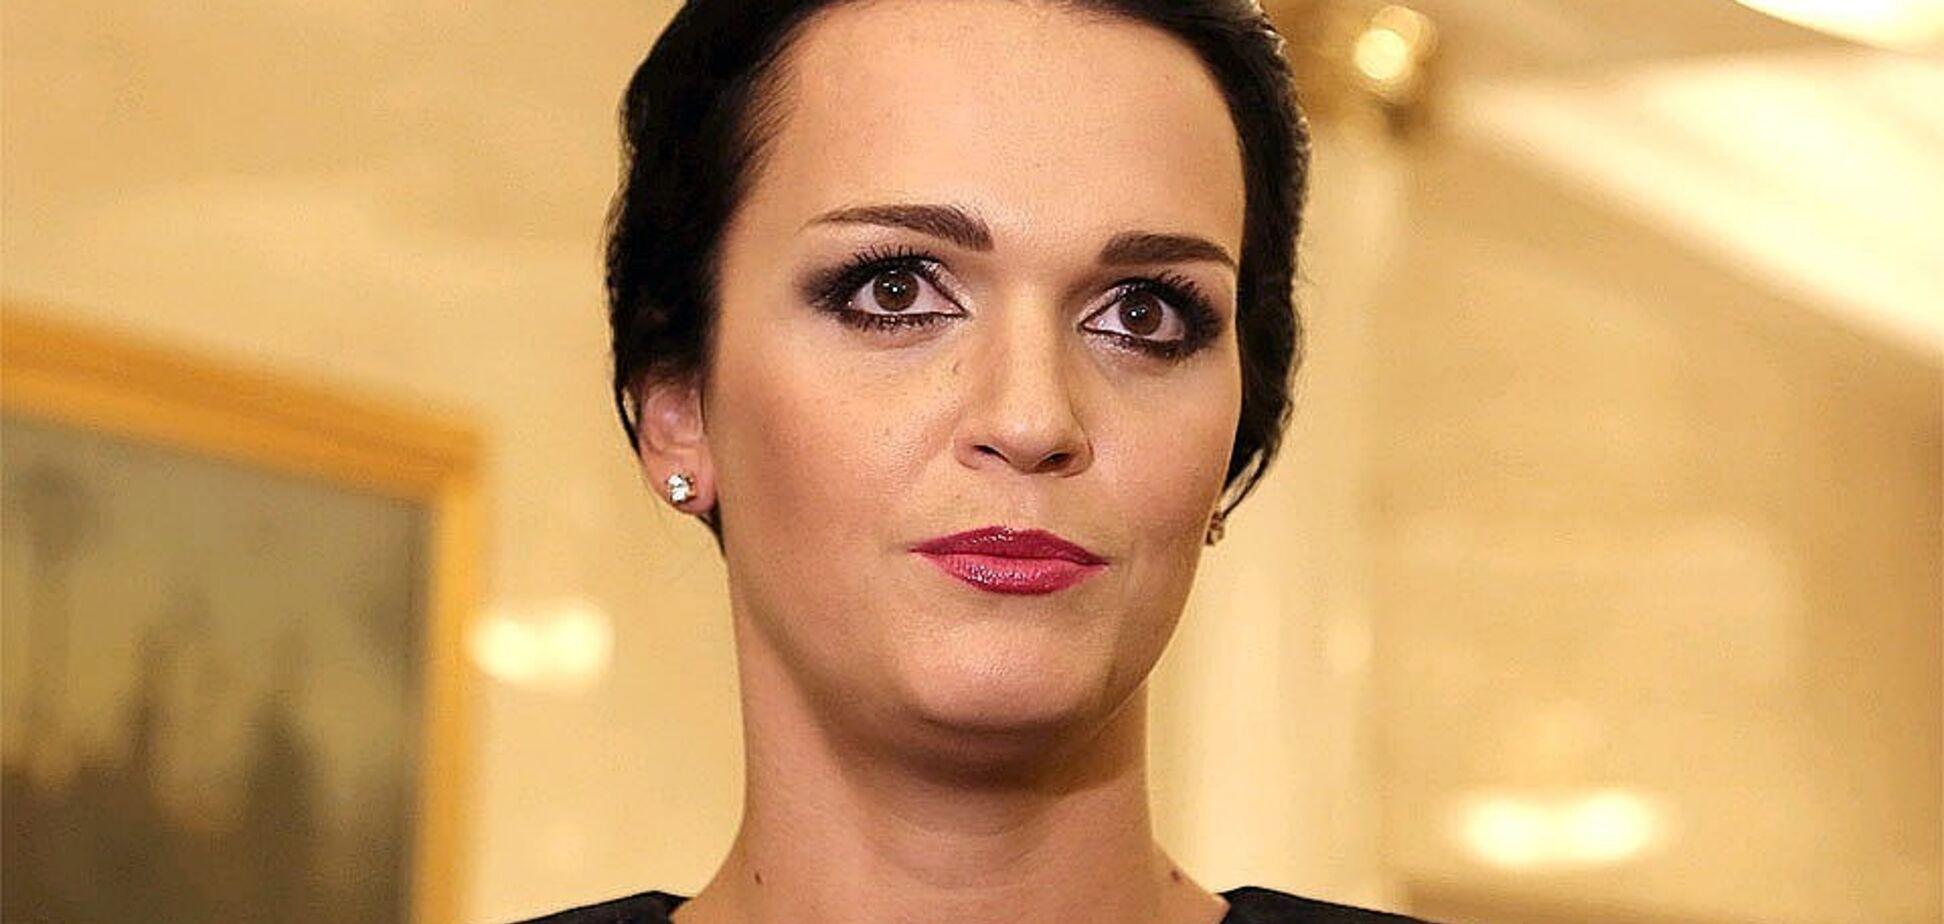 'Вы че творите, б**дь?' Знаменитая певица из РФ разозлилась на росТВ